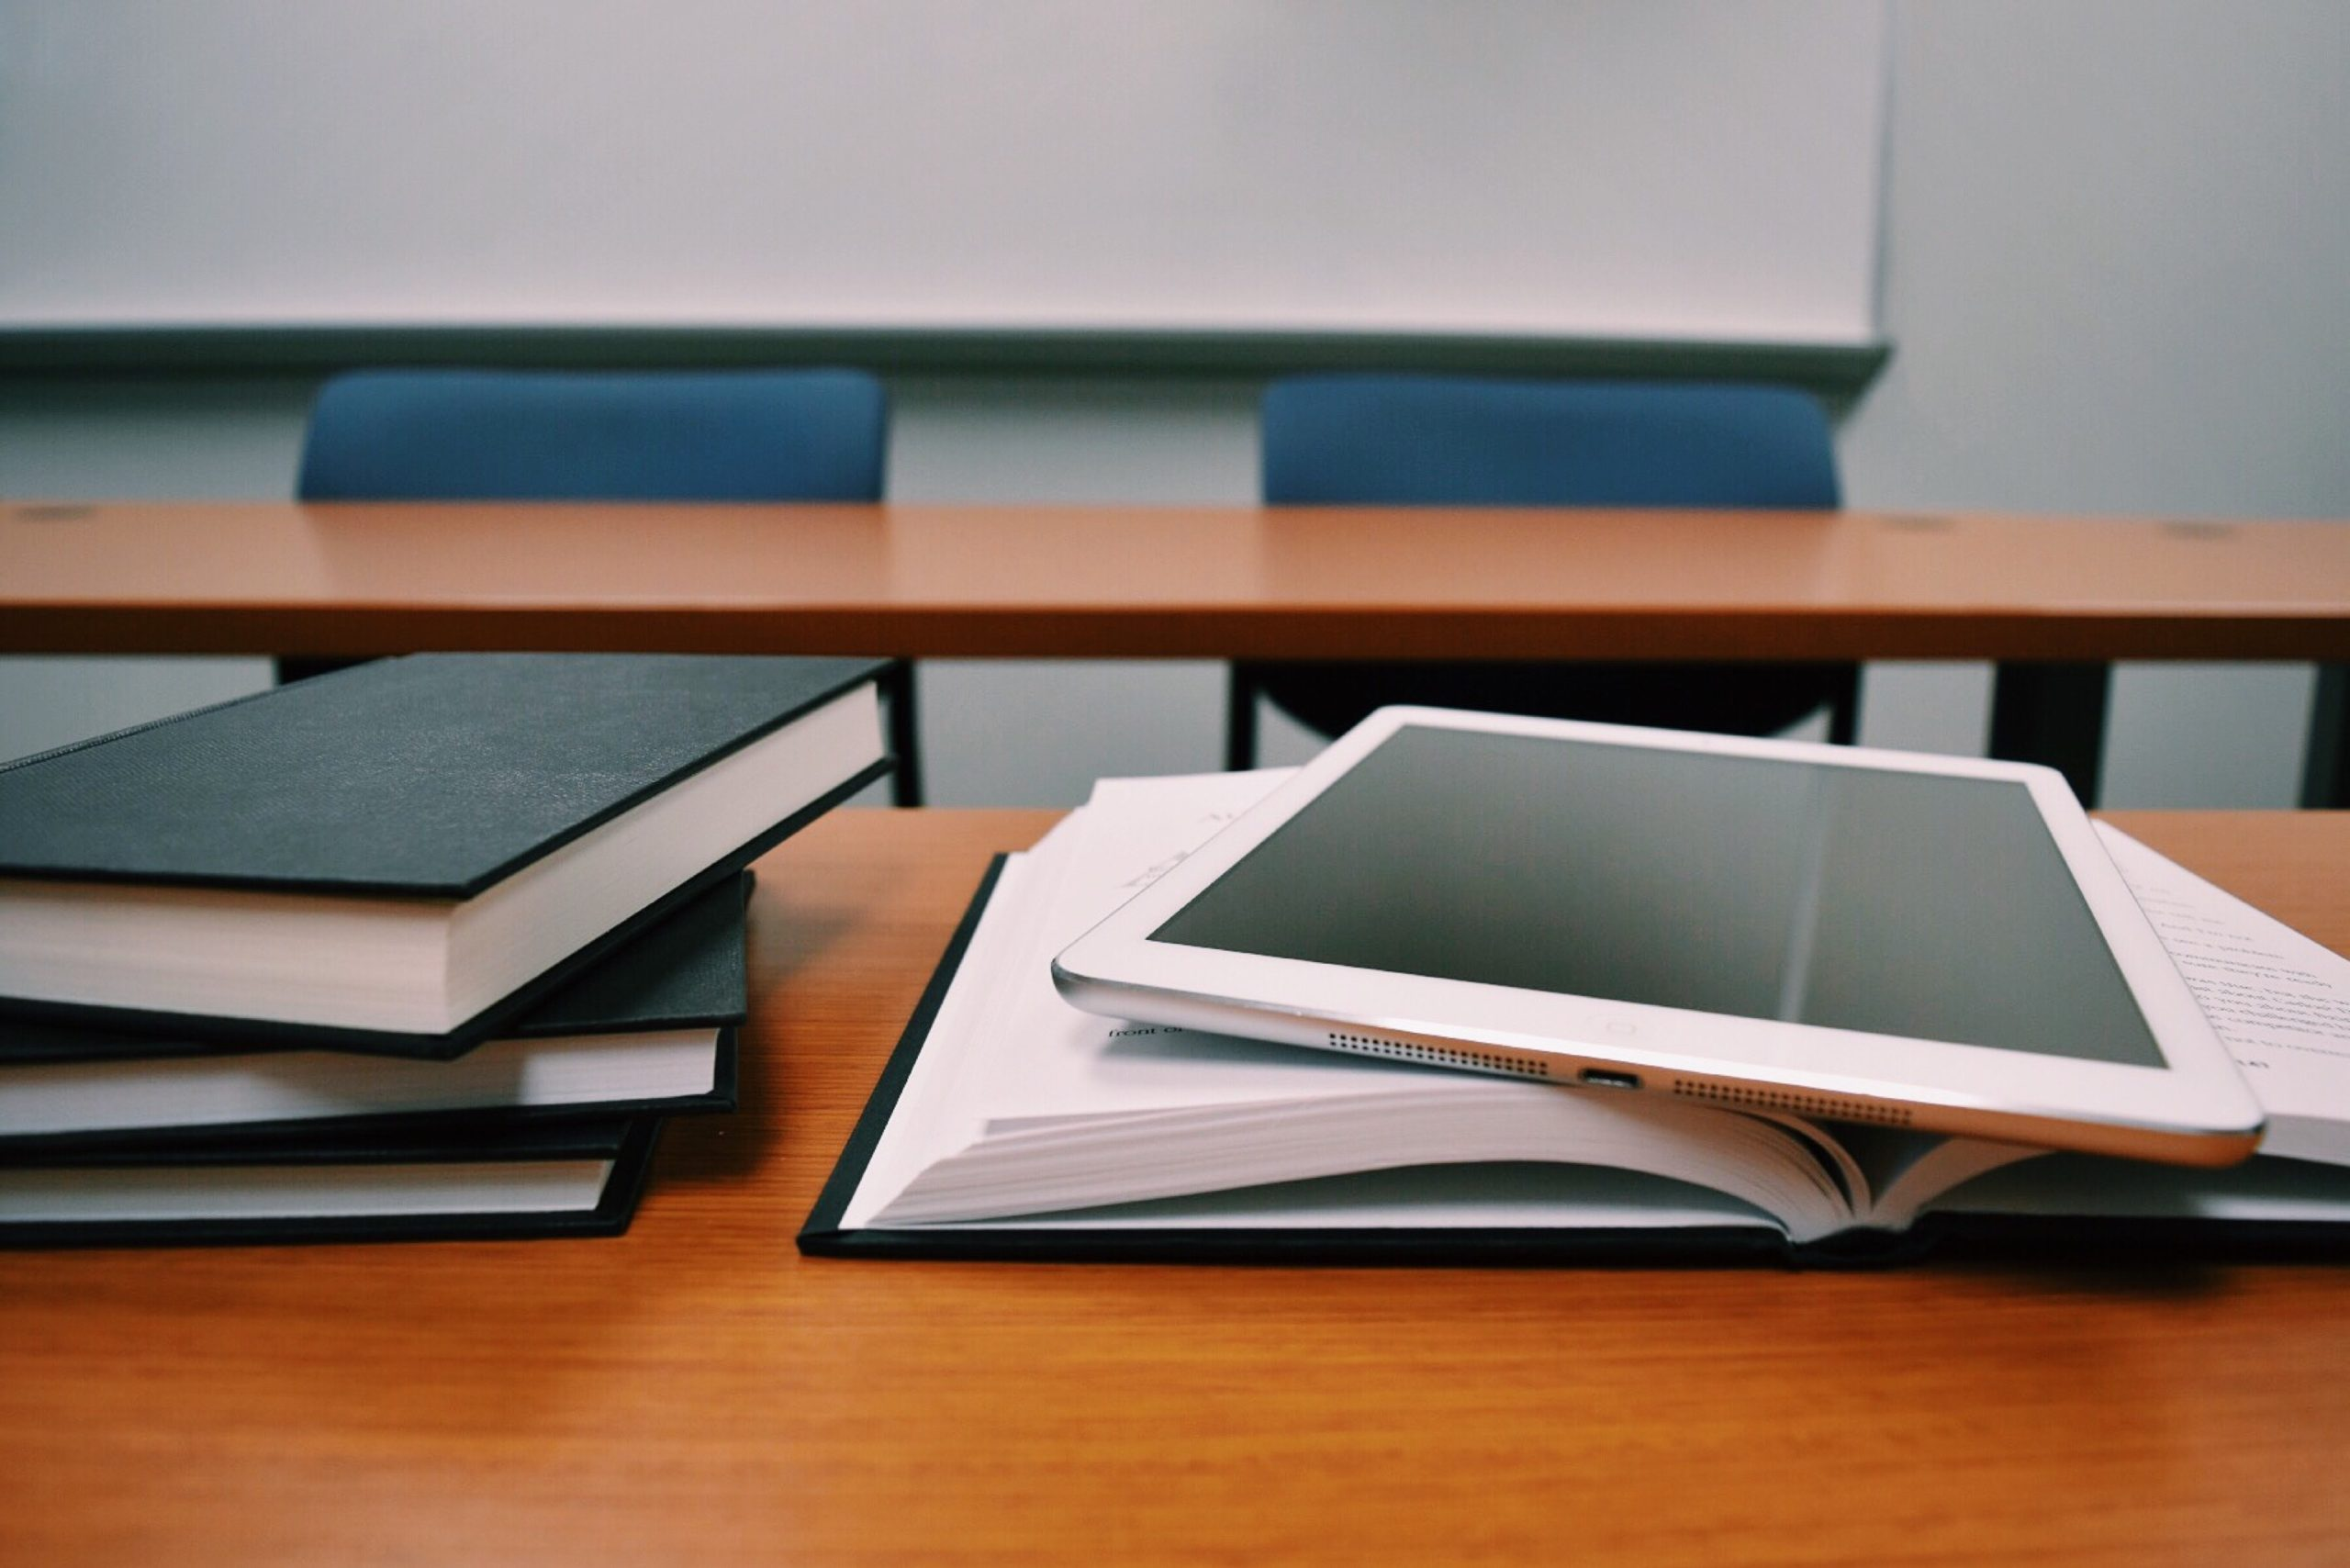 Schulklasse, Tablet und Buch